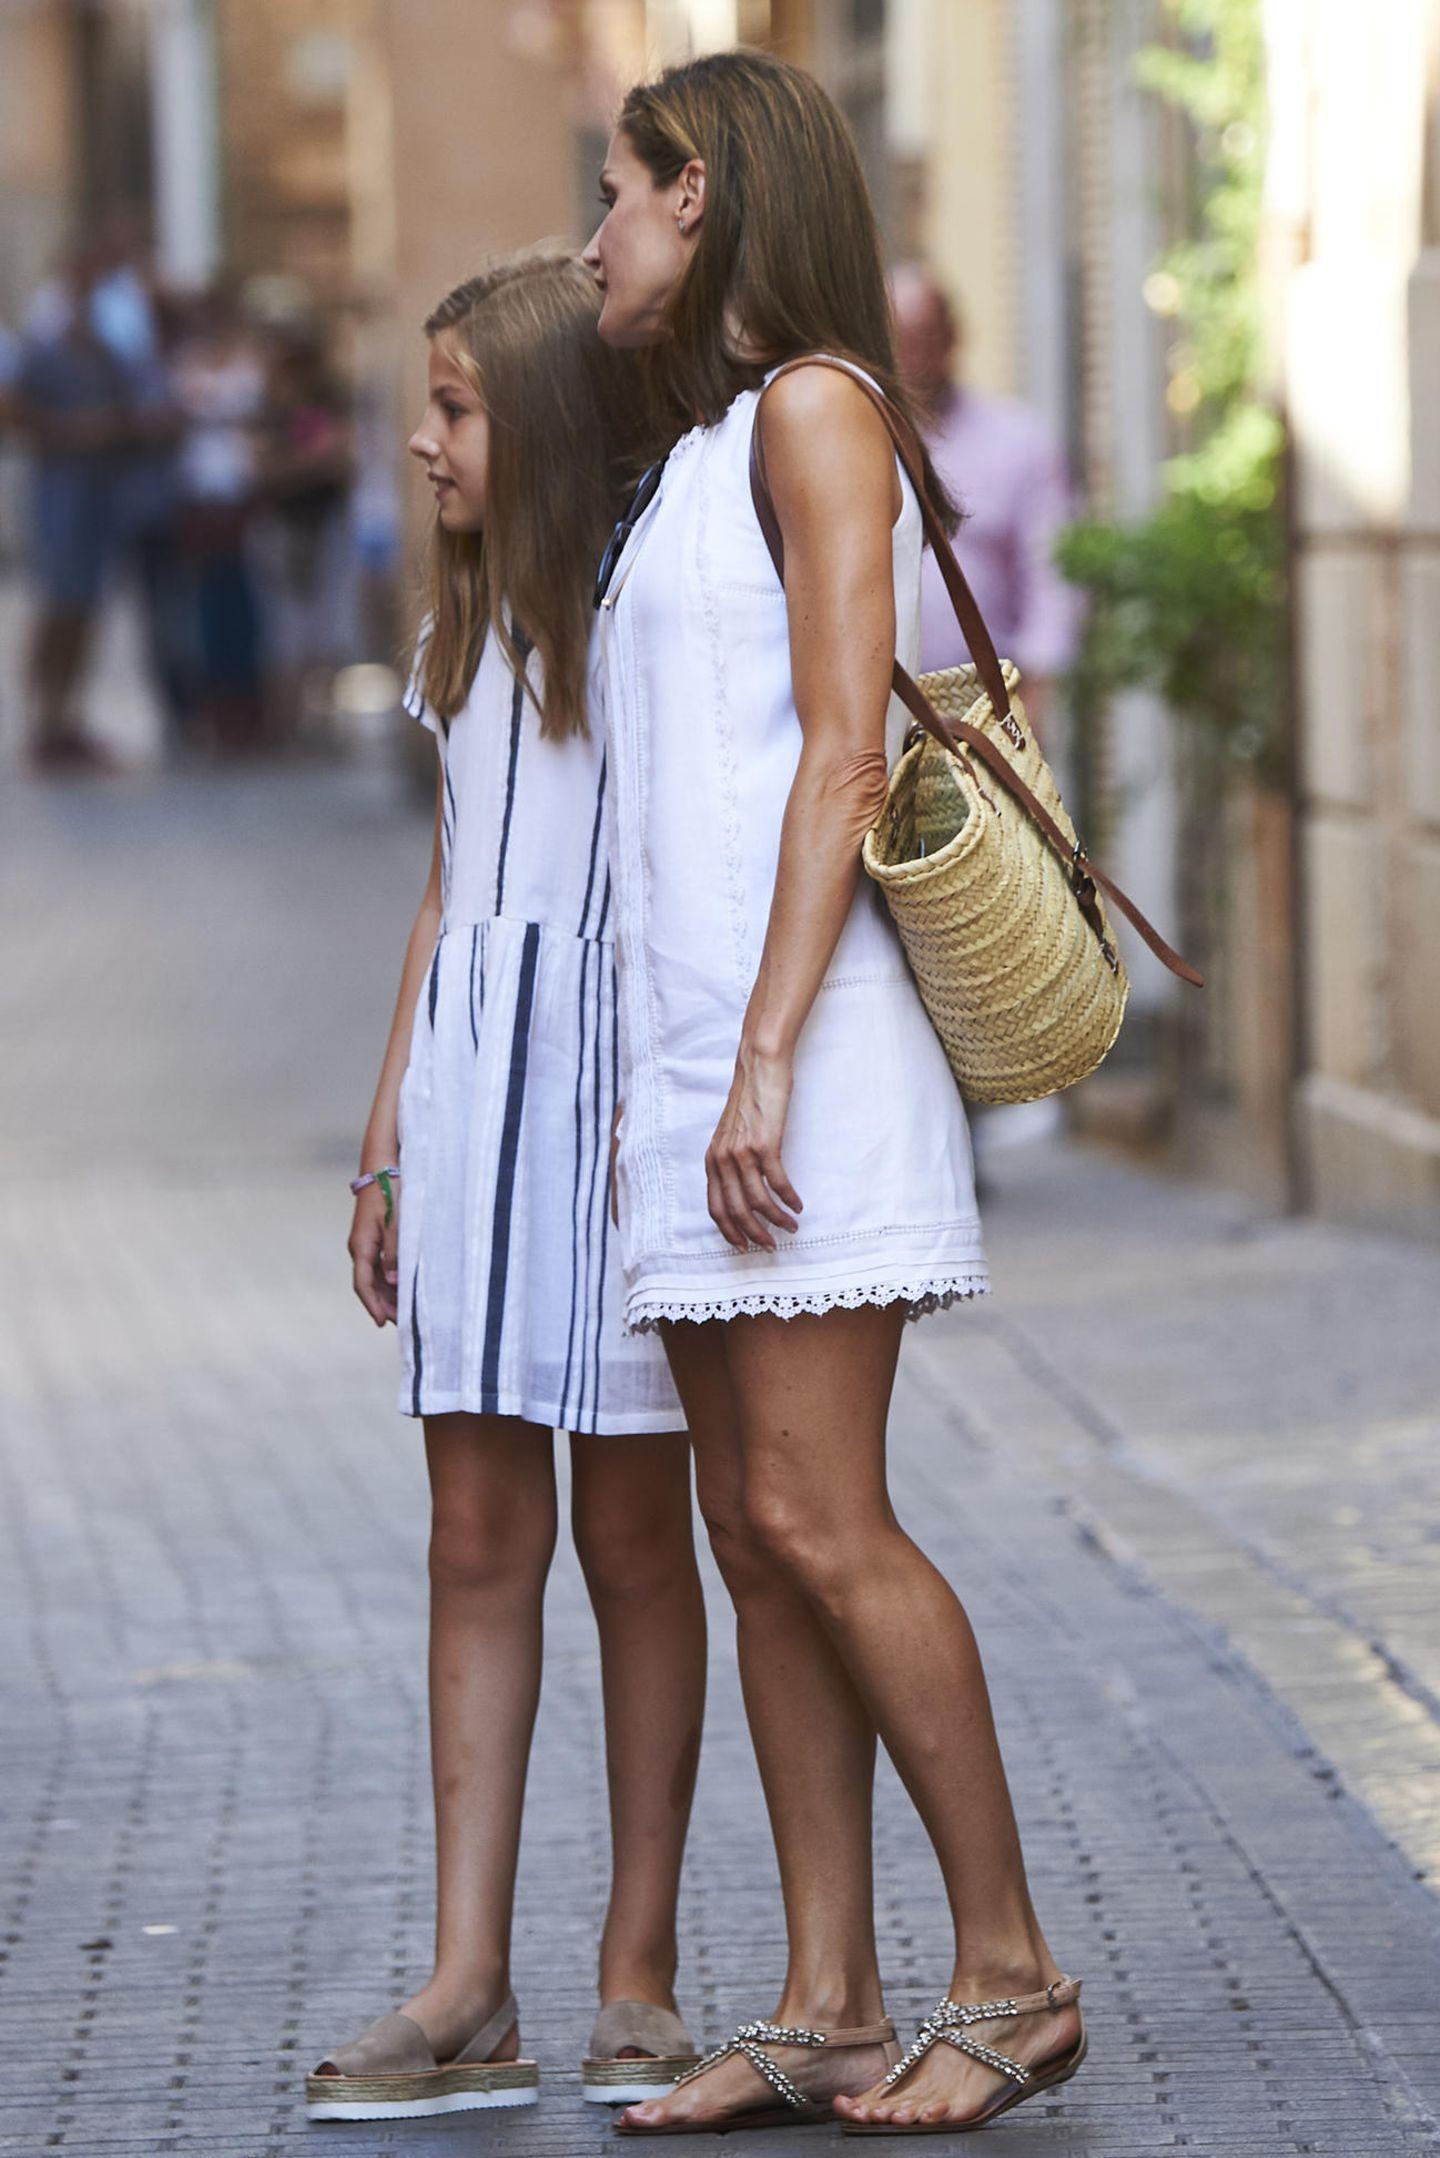 Zum sommerlichen Outfit wählt Königin Letizia einen großen Shopper aus Bast und beweist damit, dass es bei ihr nicht immer die extravaganten Luxus-Modelle sein müssen.